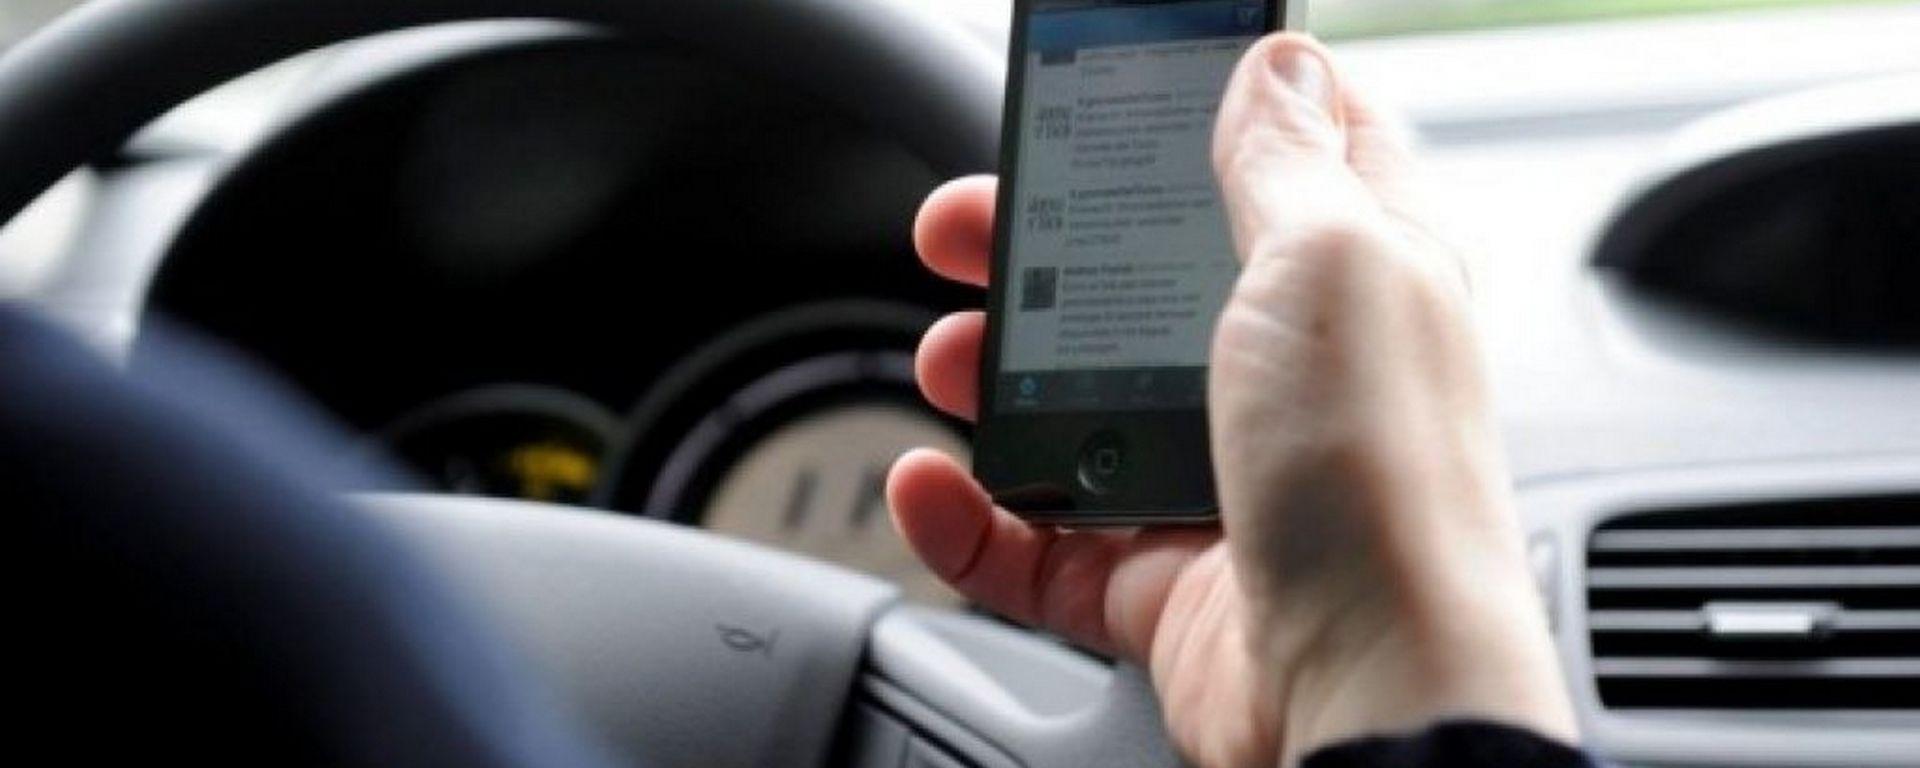 Cellulare alla guida, salta ritiro immediato patente